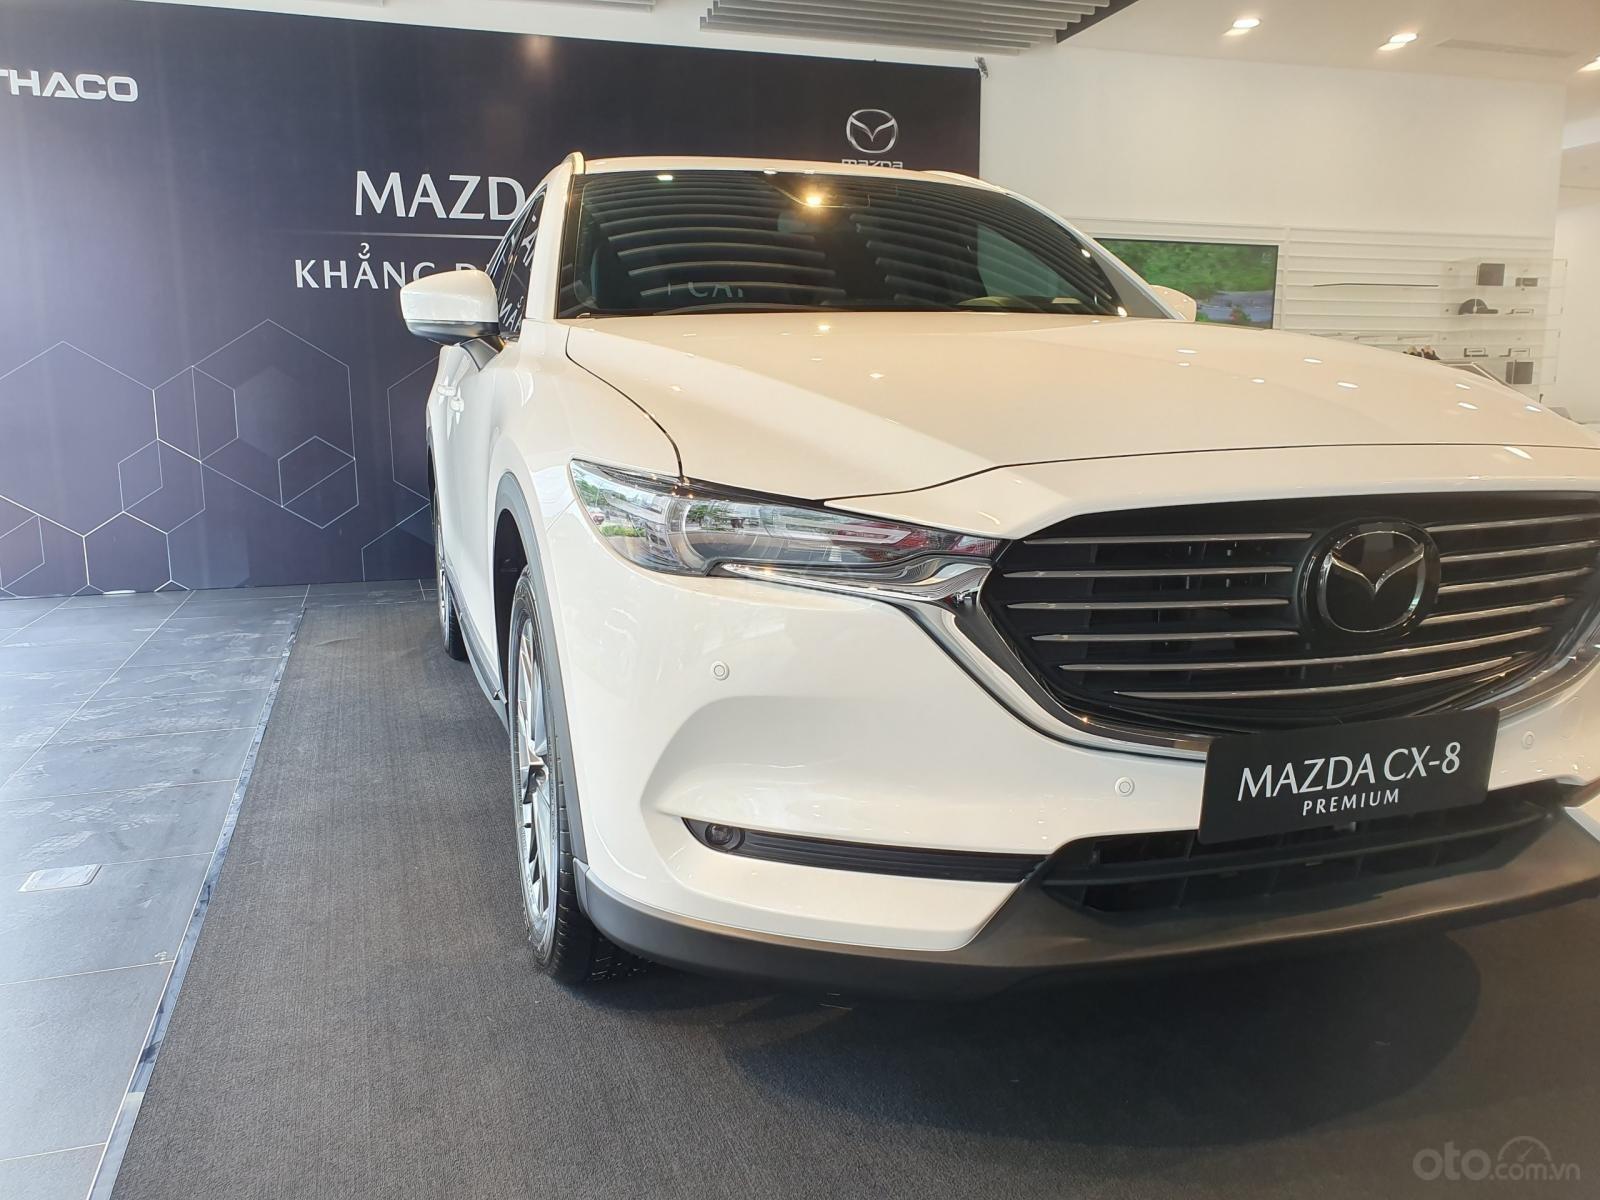 Bán Mazda CX8 - ưu đãi lên đến 50tr cho tất cả phiên bản cùng nhiều quà tặng hấp dẫn (1)